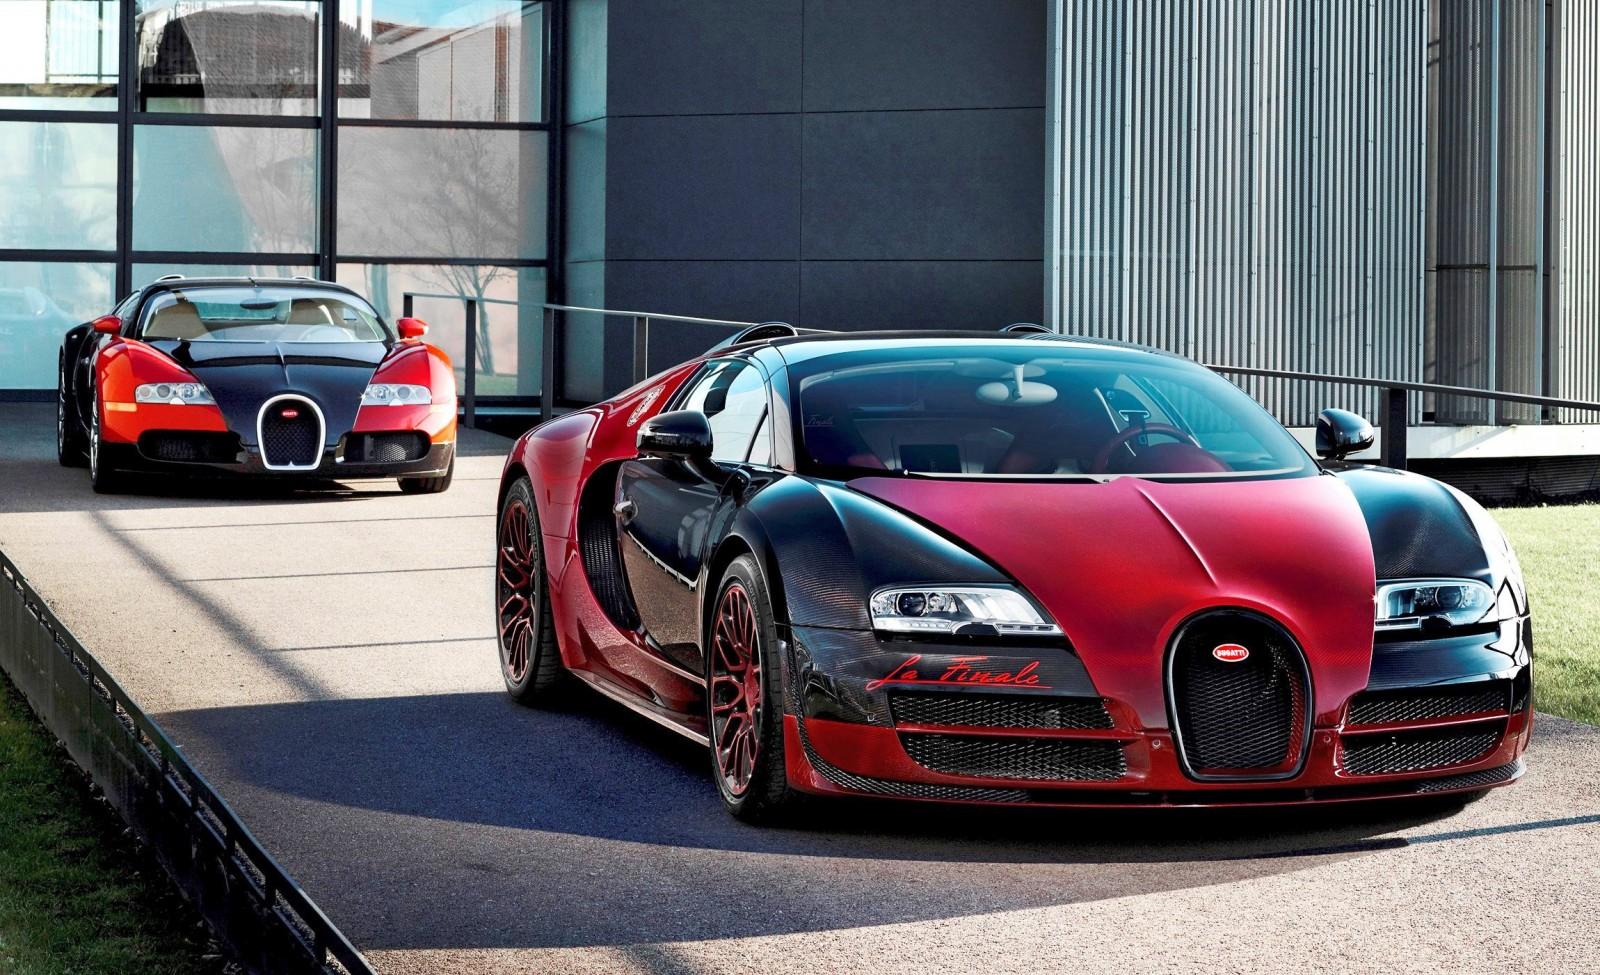 """Escoltado por el nº1, sale de fábrica el Veyron nº450. El primero y """"La Finale""""..."""